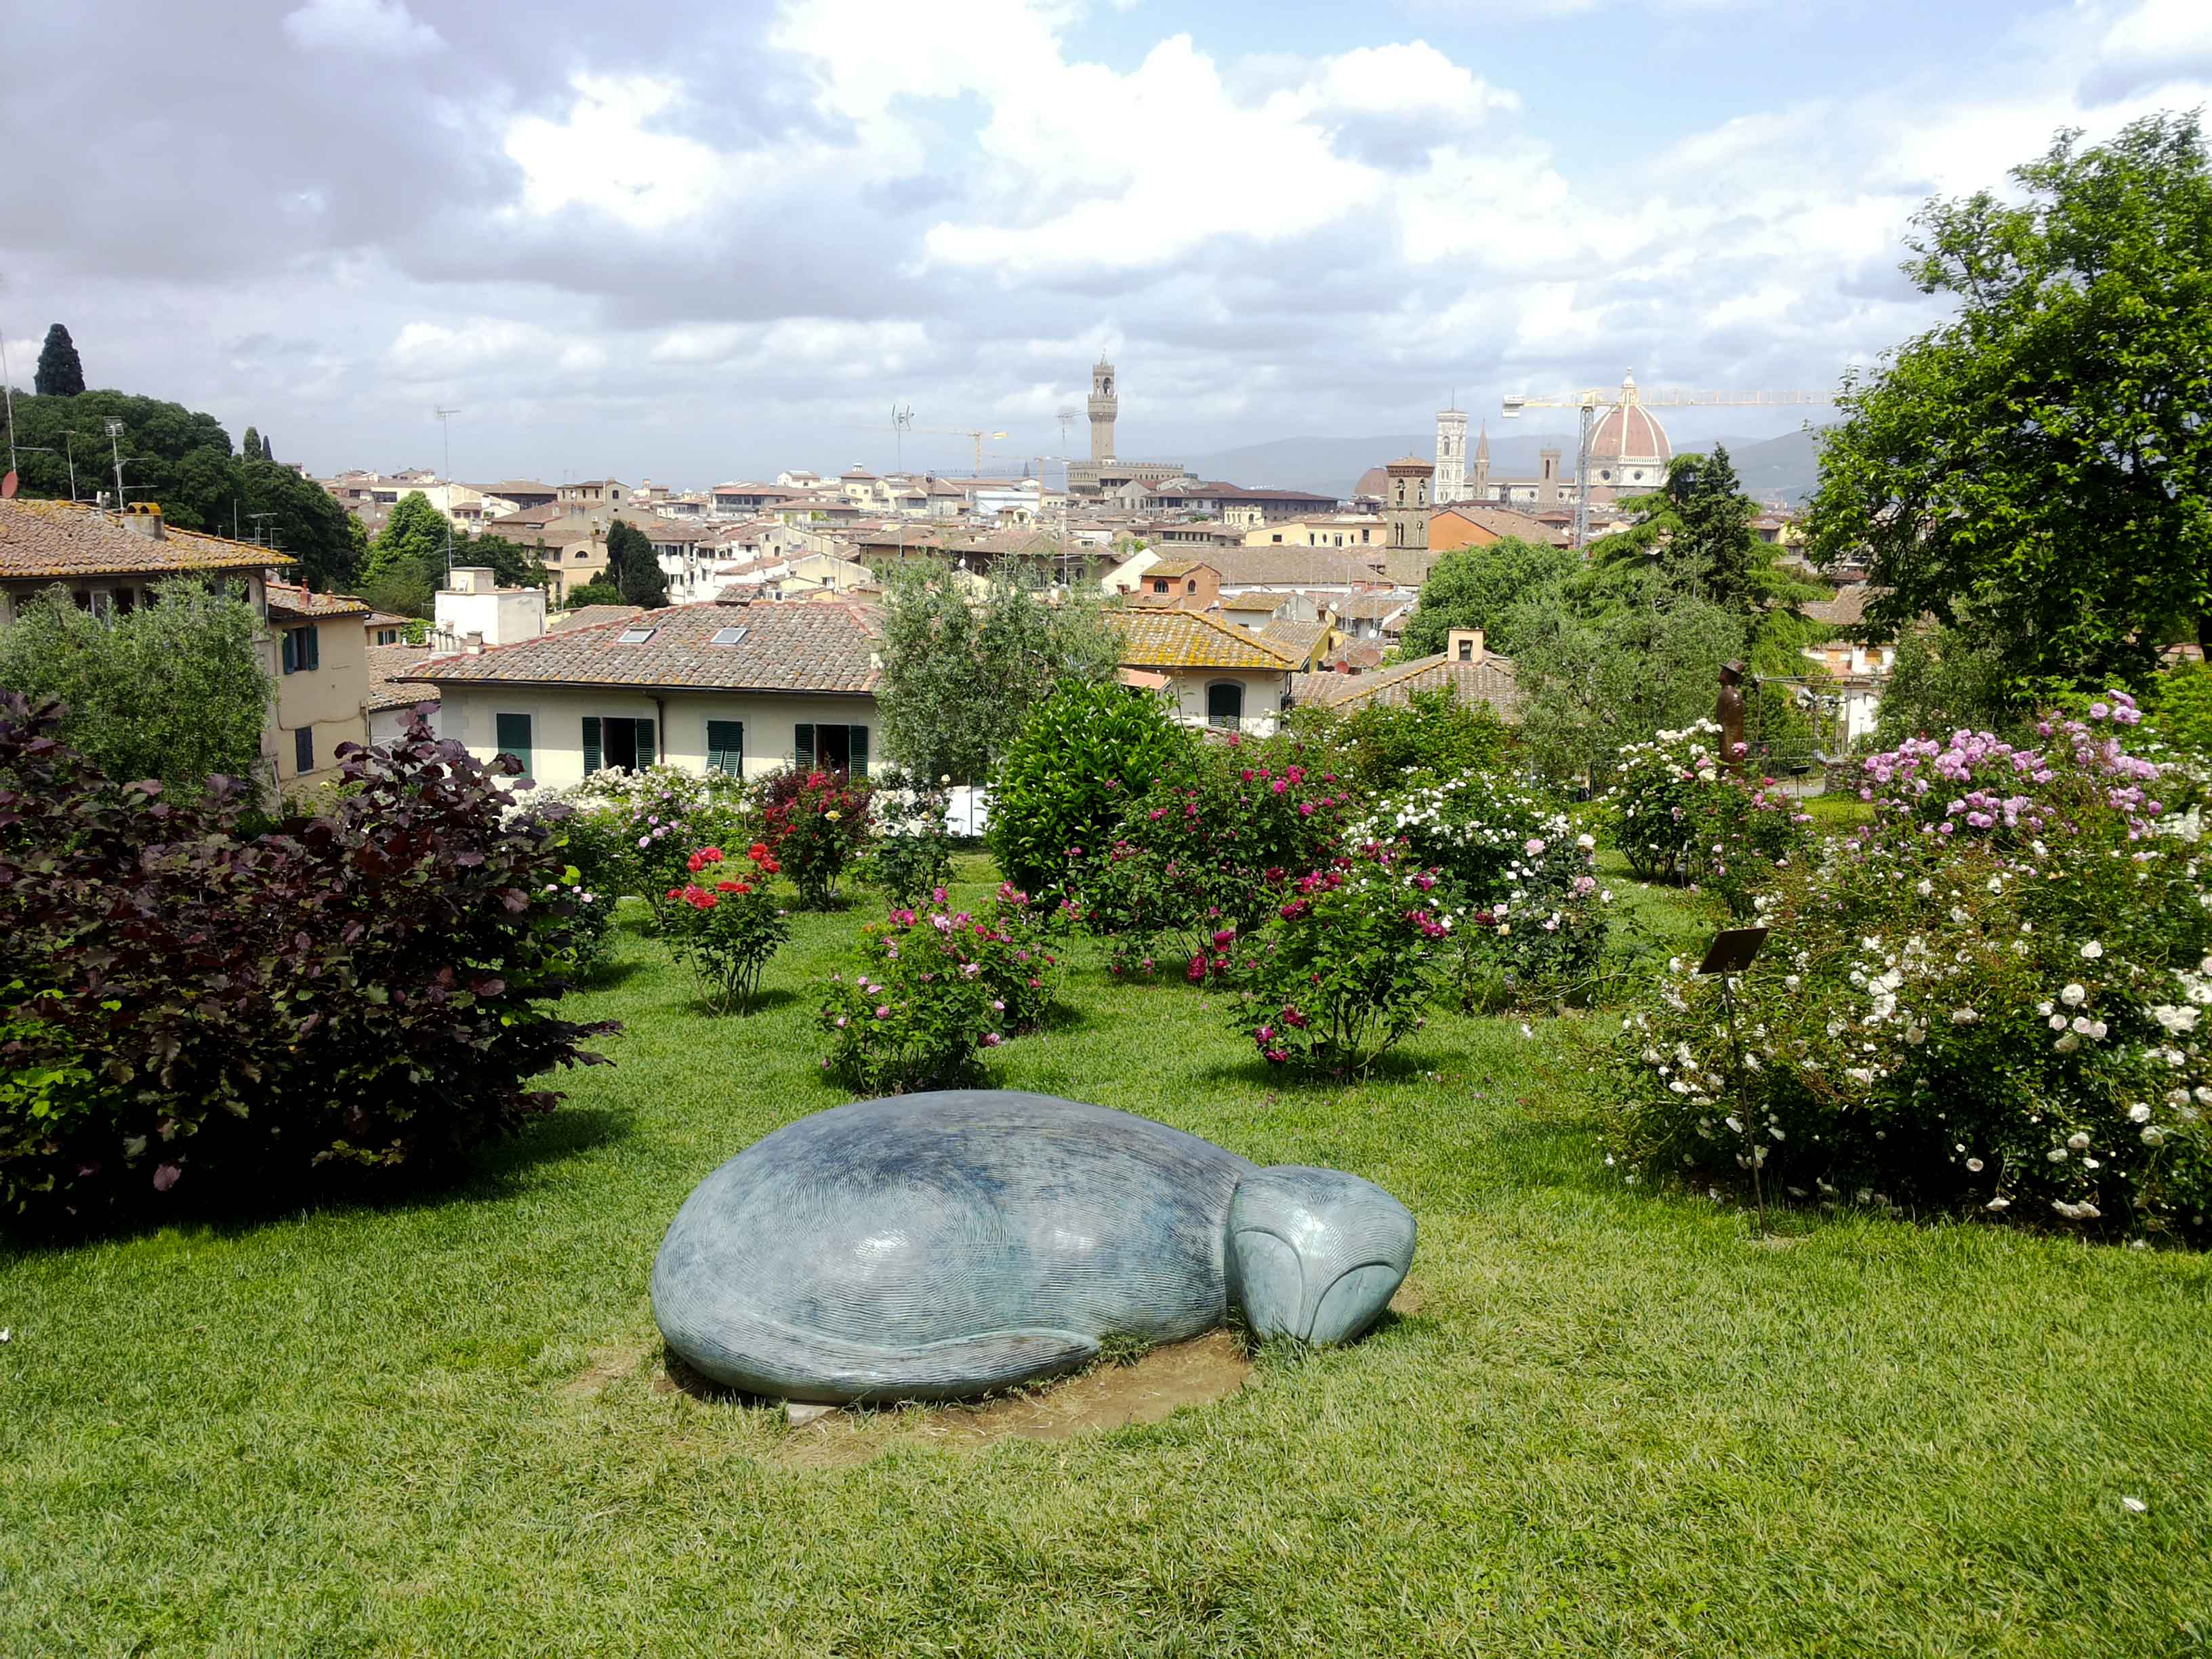 Non solo boboli 9 giardini da visitare a firenze for Giardino firenze